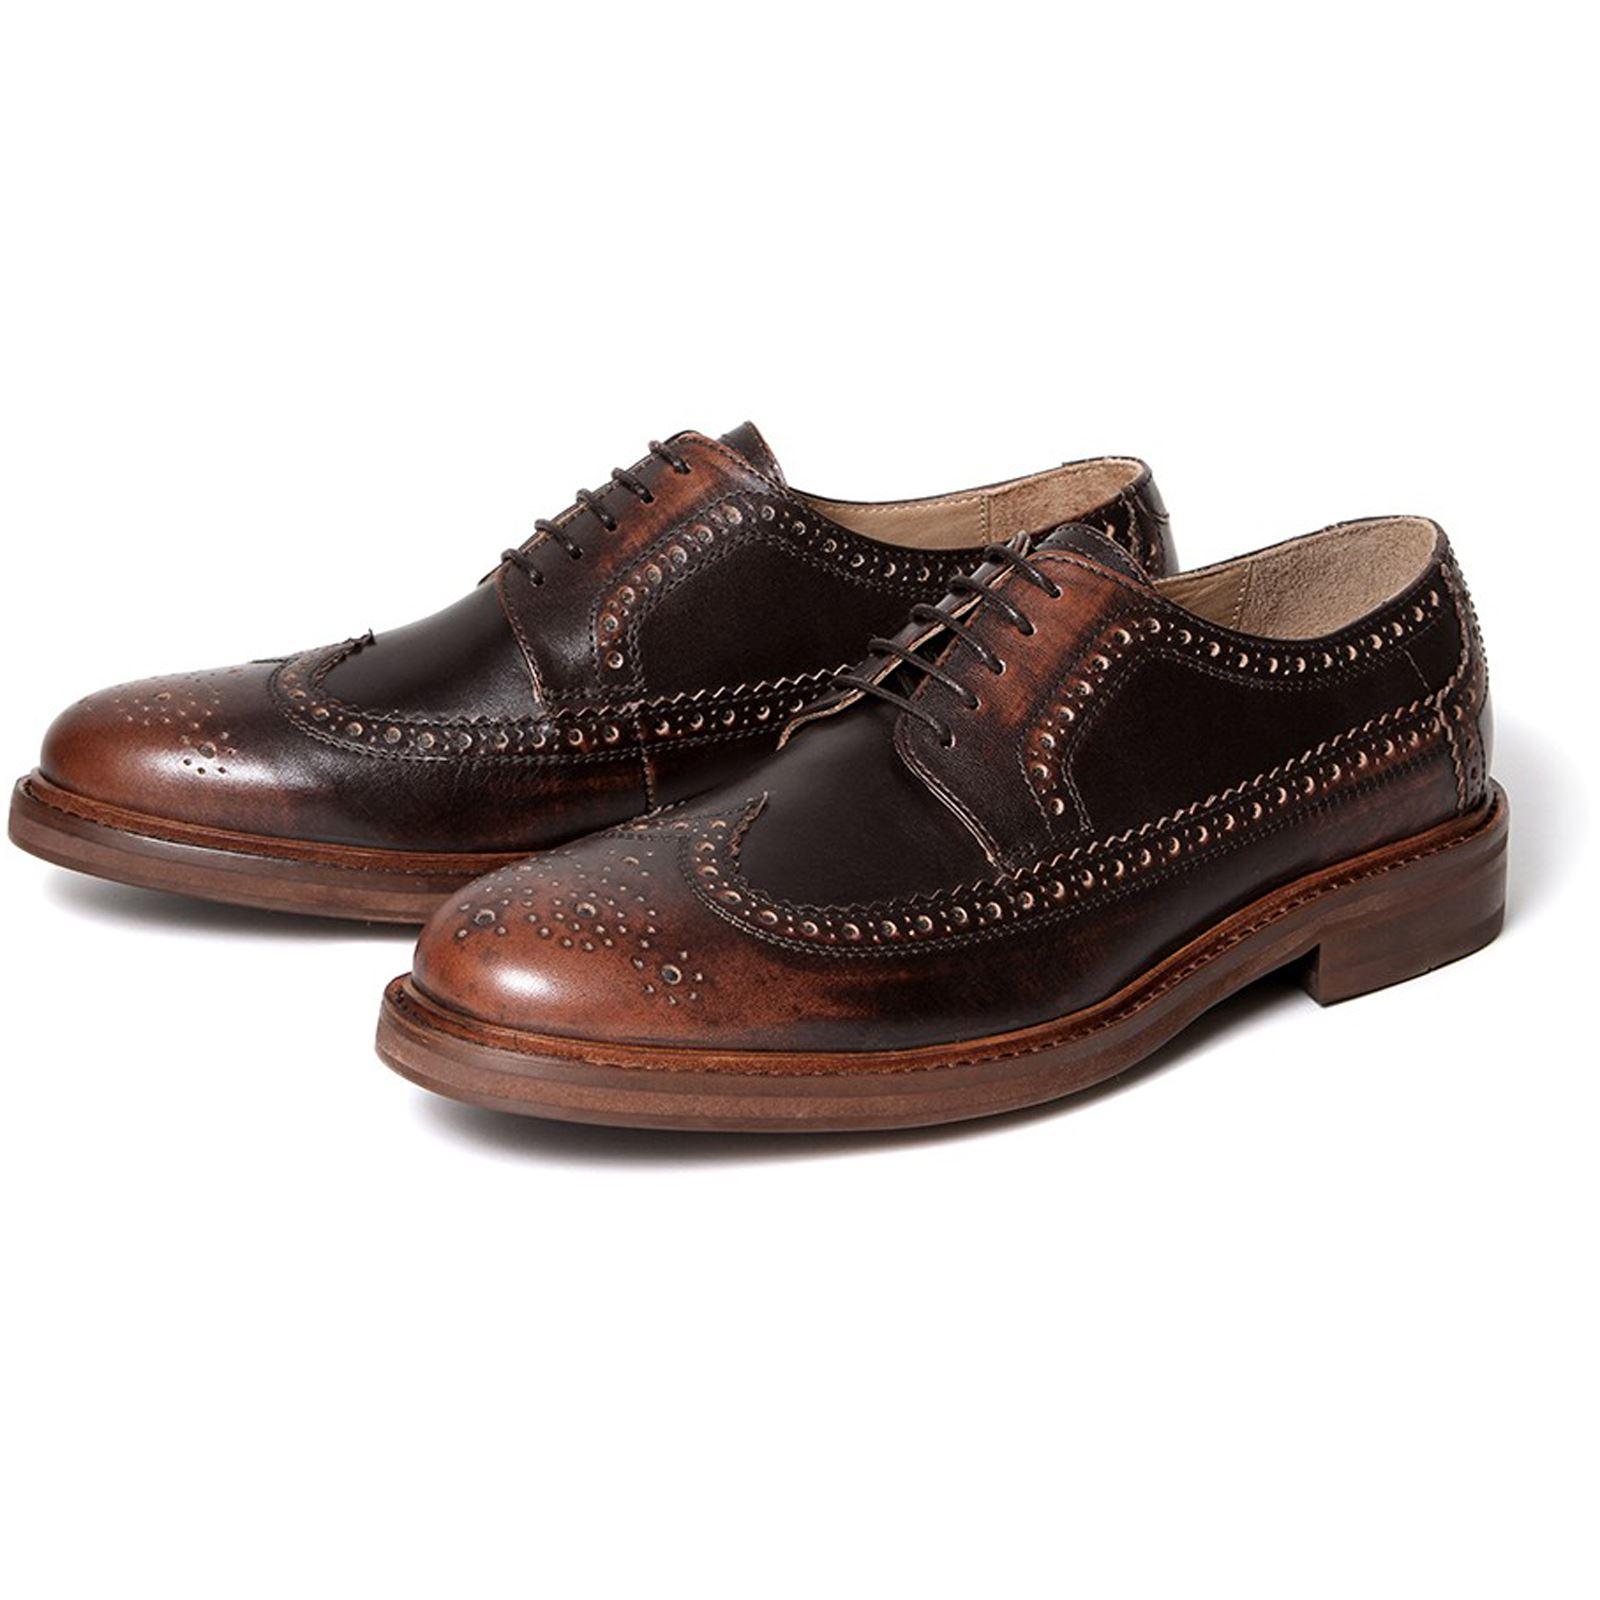 Zapatos marrones formales Callaghan para hombre gHjAHQPeYv